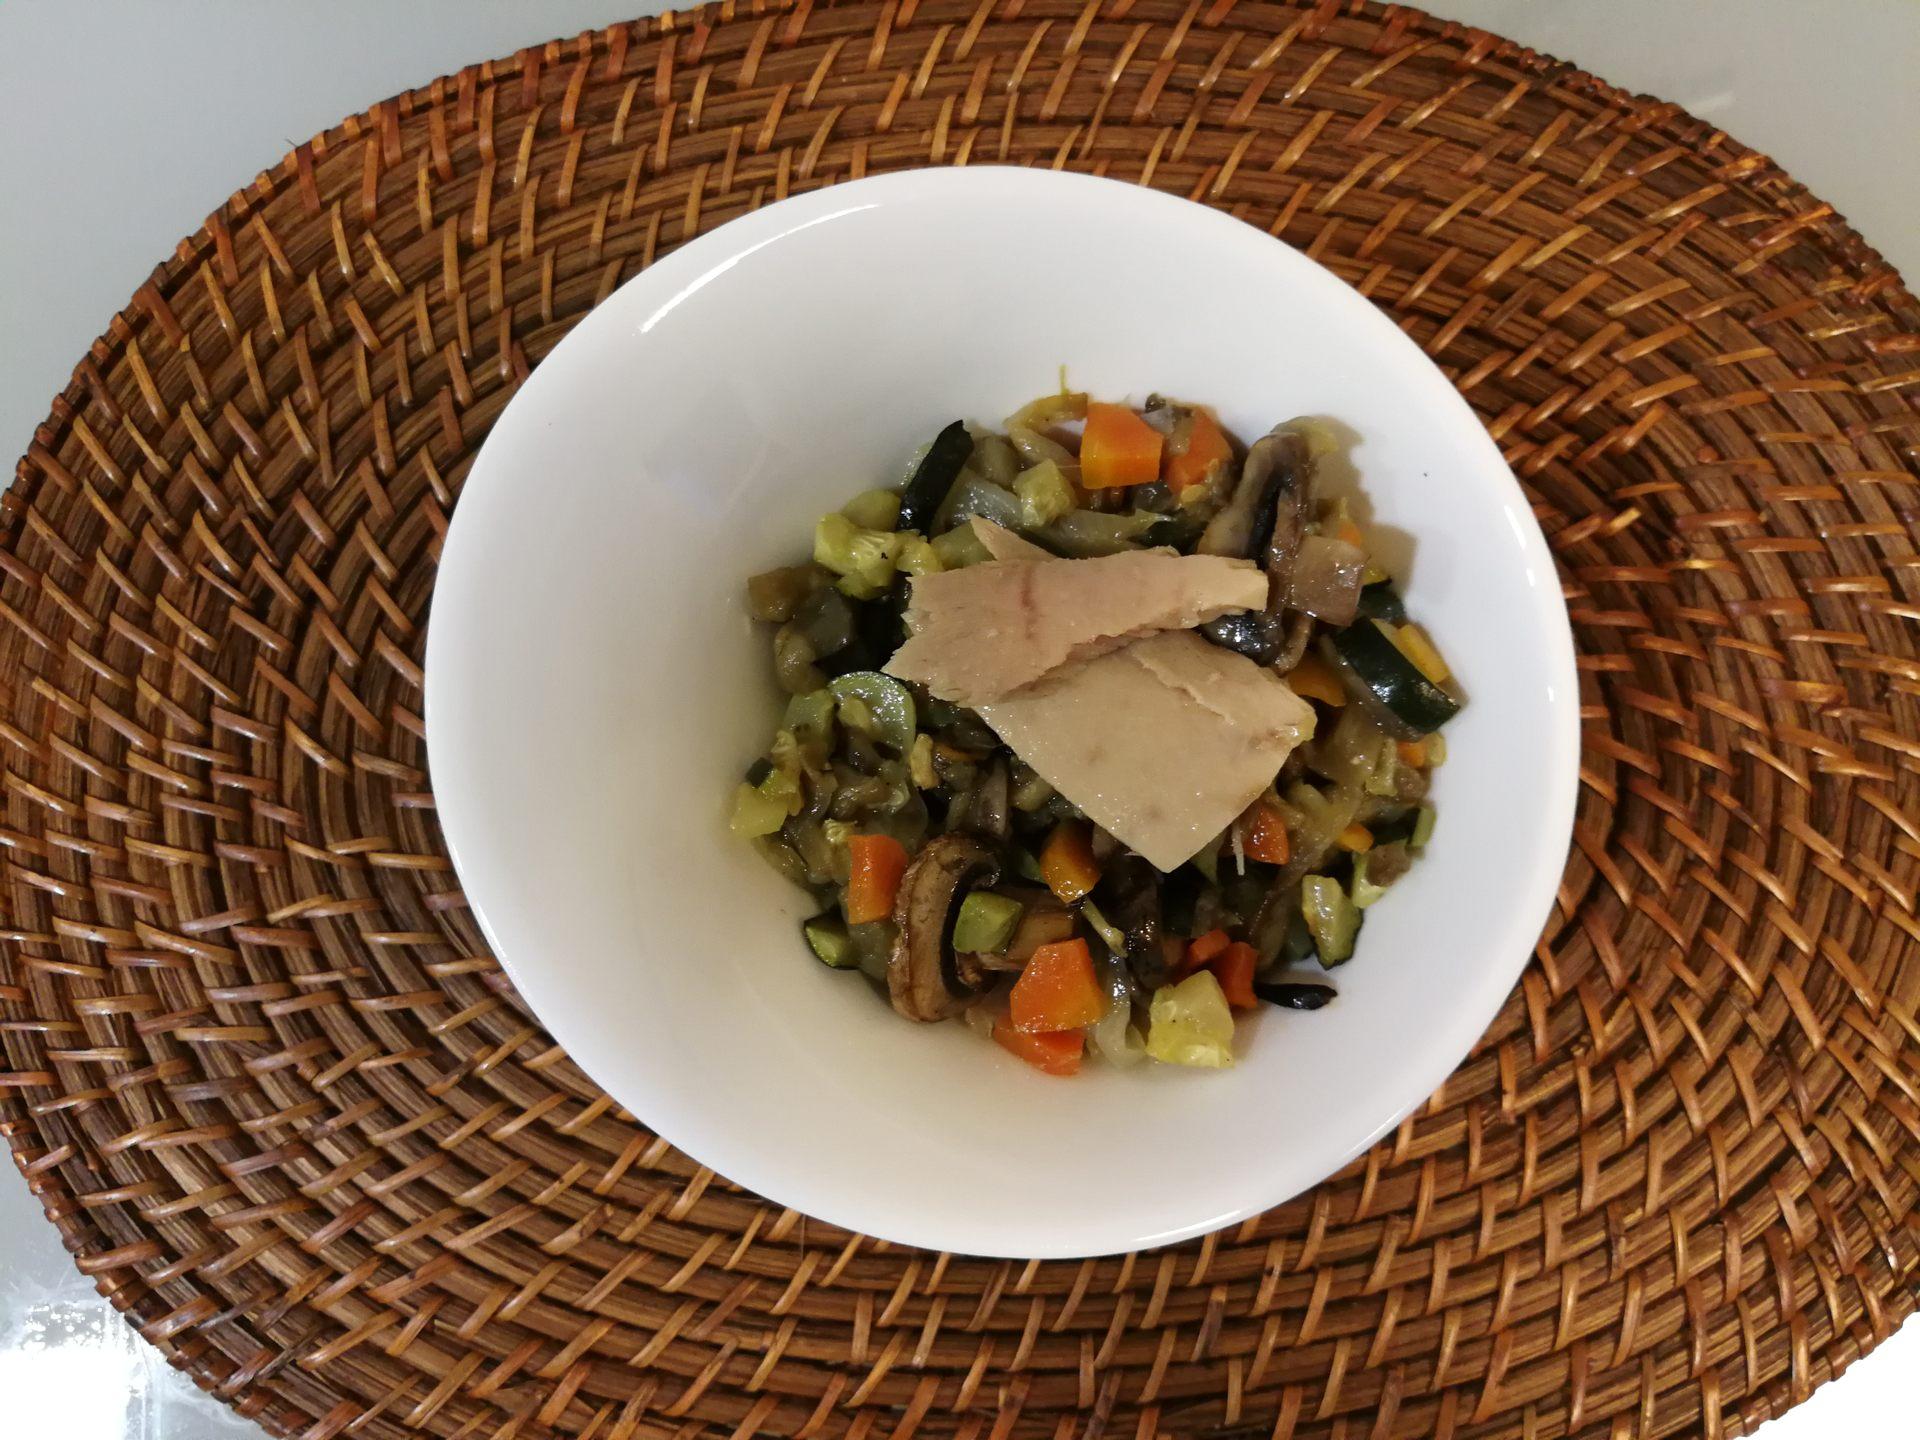 Ratatouille de verduras al horno con Bonito del Norte, de la mano de Conservas Serrats